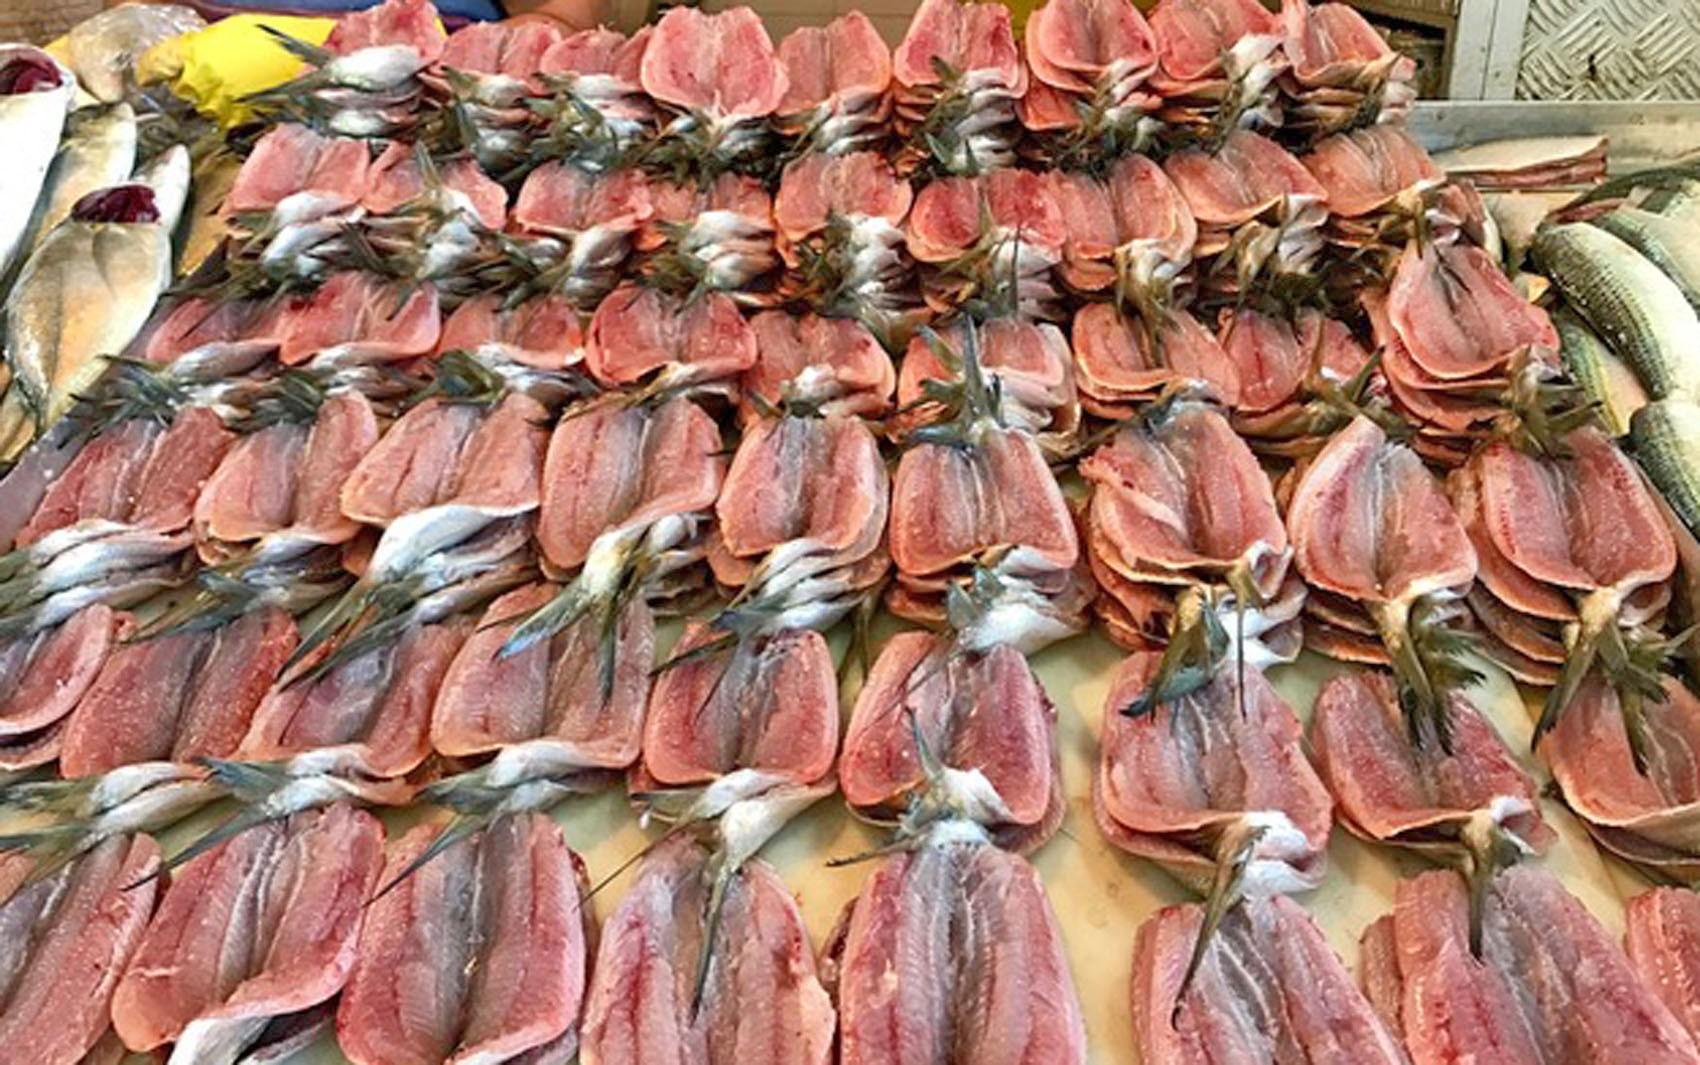 Cavalinha e sardinha estão entre peixes mais procurados durante Quaresma em Juiz de Fora